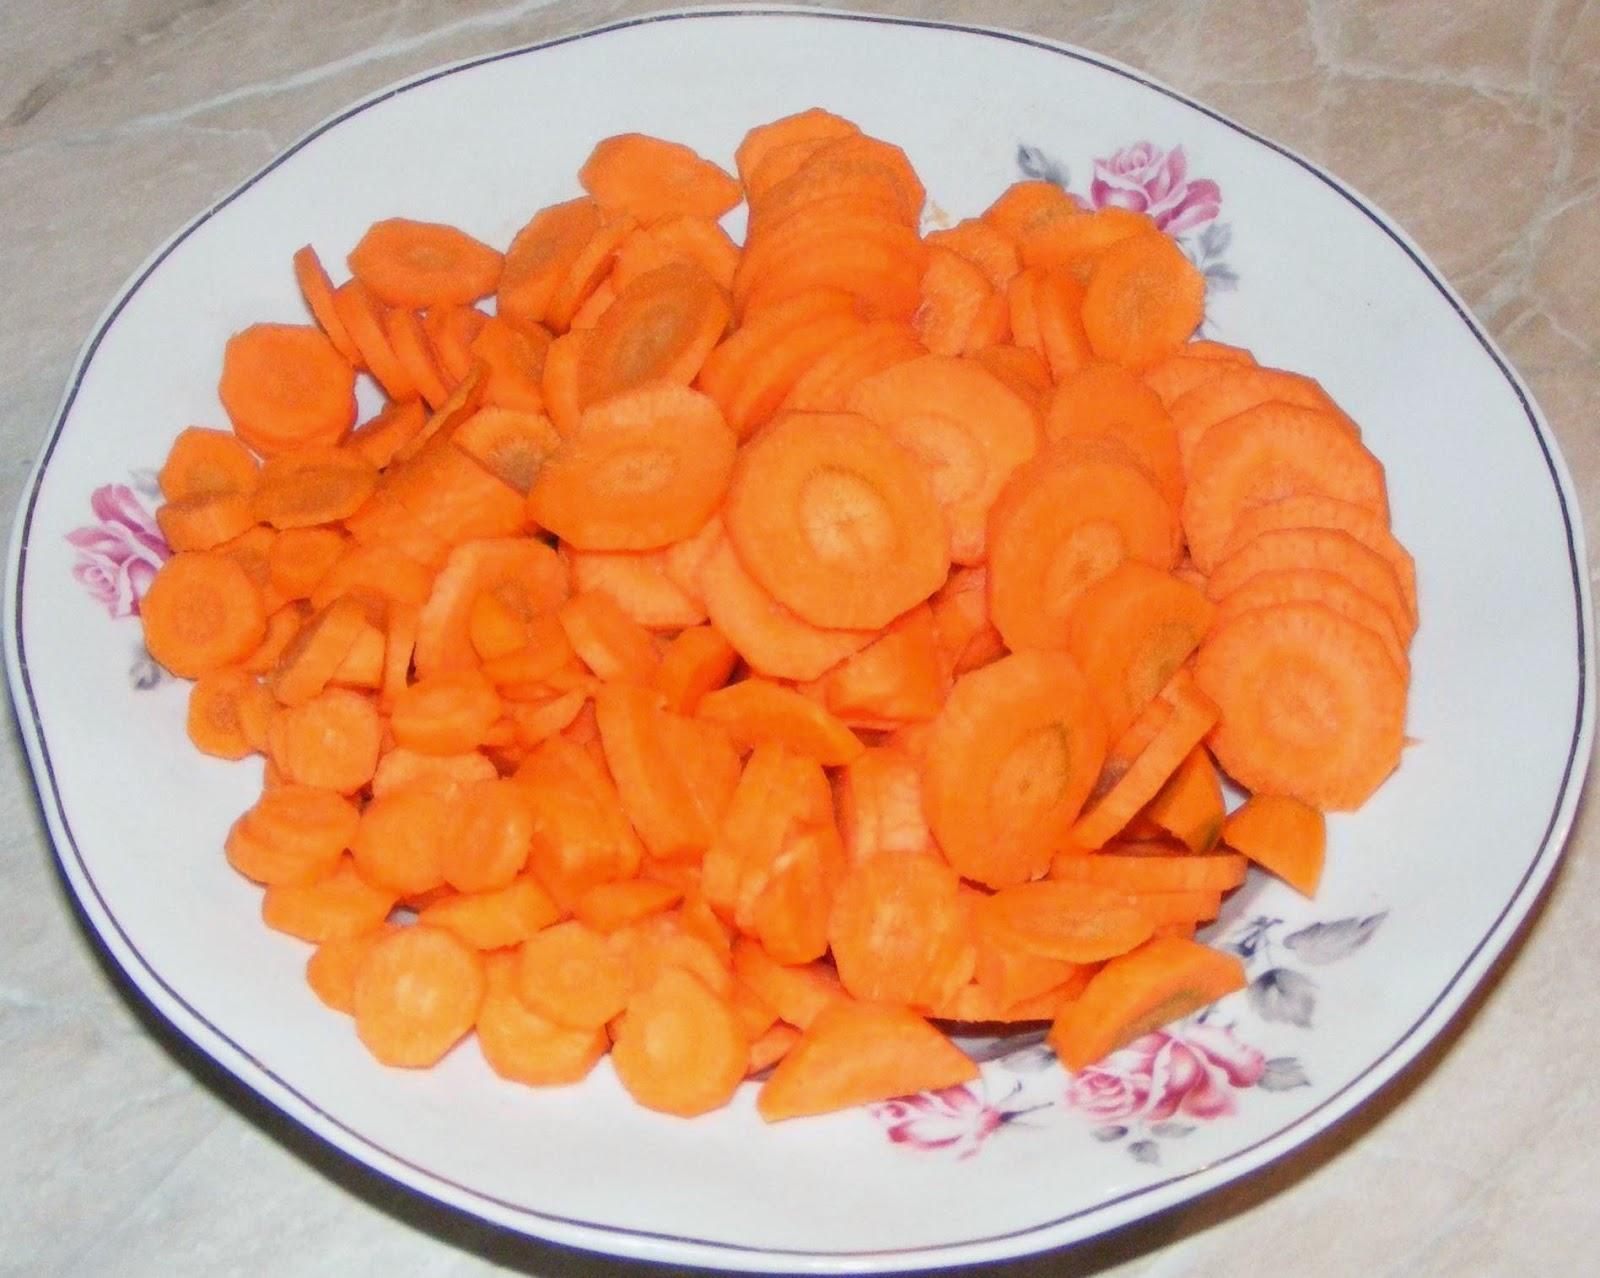 legume, morcovi, morcov, retete cu morcovi, preparate din morcovi, morcovi de gradina, morcovi de tara, morcovi de curte, morcovi romanesti, diete cu morcovi, cure cu morcovi, retete si preparate culinare din morcovi proaspeti de gradina romanesti,